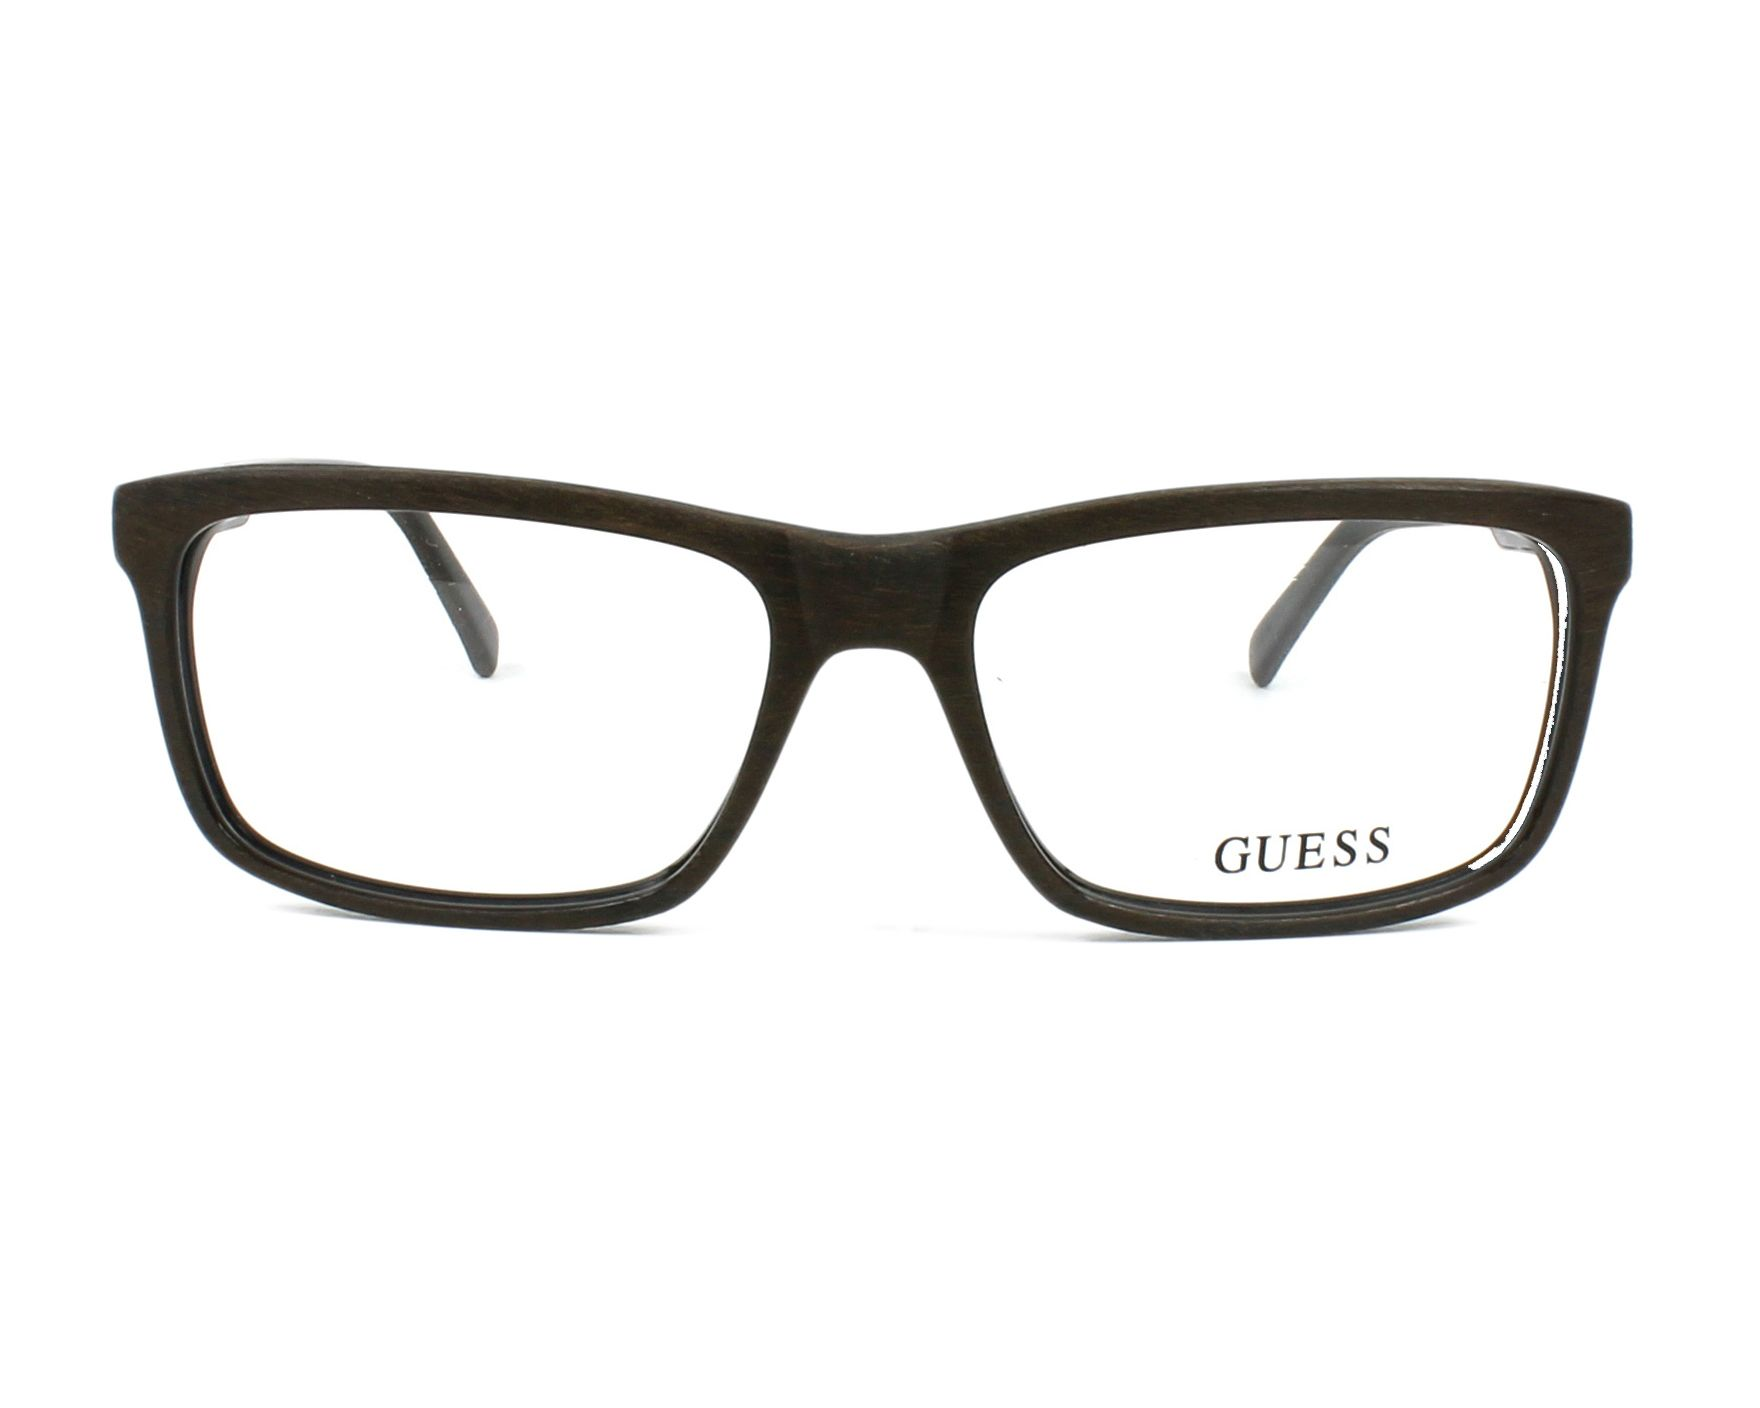 lunettes de vue guess gu 1845 dkbrn marron. Black Bedroom Furniture Sets. Home Design Ideas